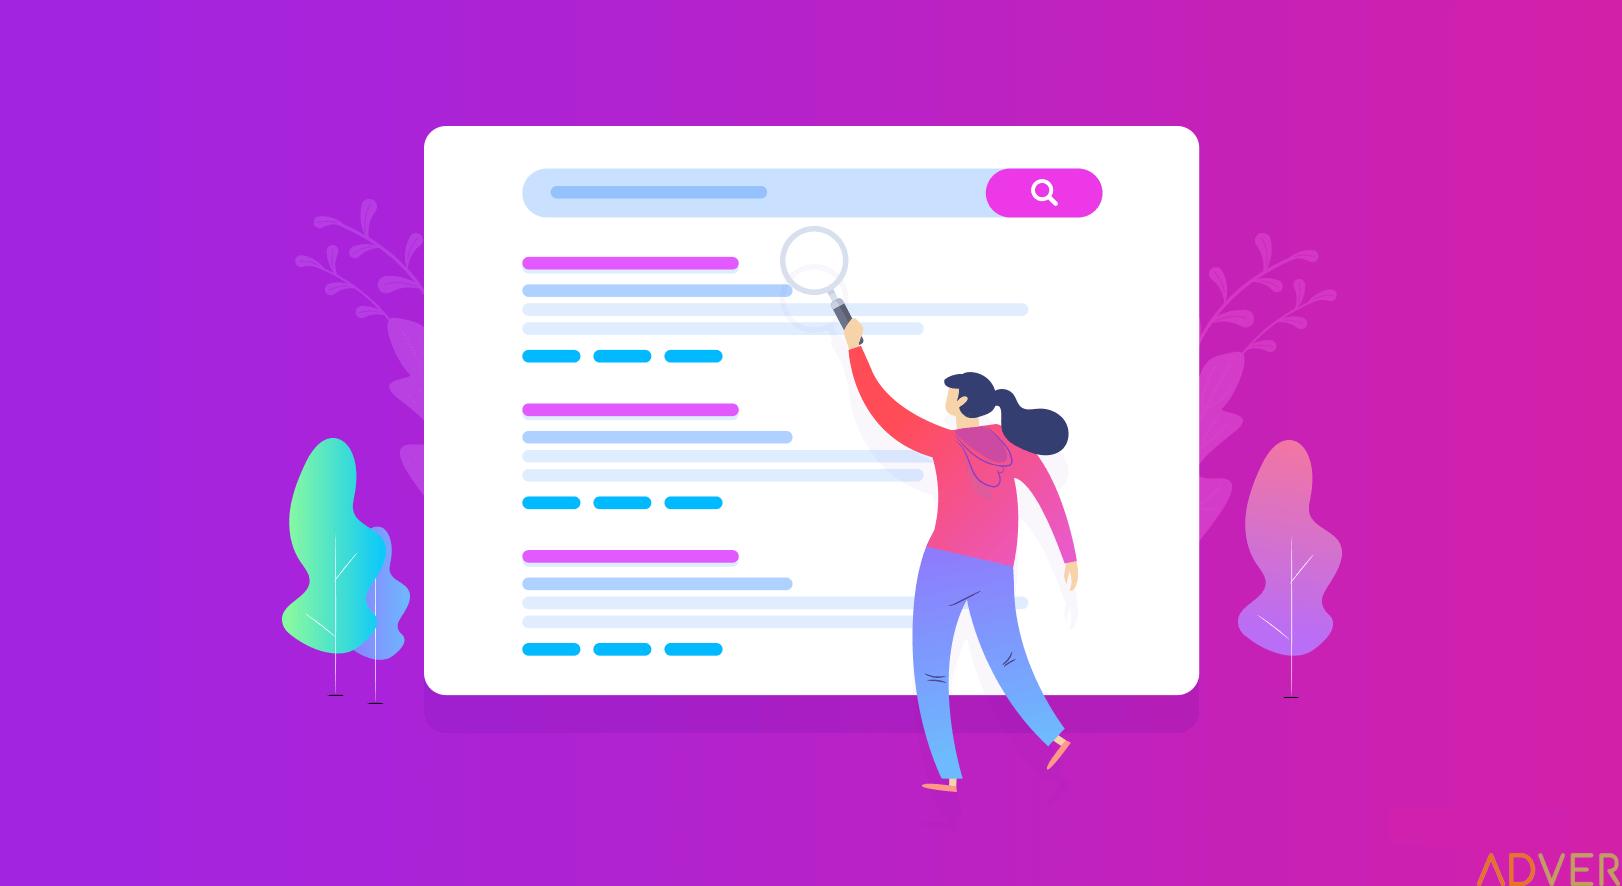 Mục đích của Meta Description được tạo ra là khiến người tiếp cận nội dung thông tin thông qua nền tảng tìm kiếm Google truy cập vào website